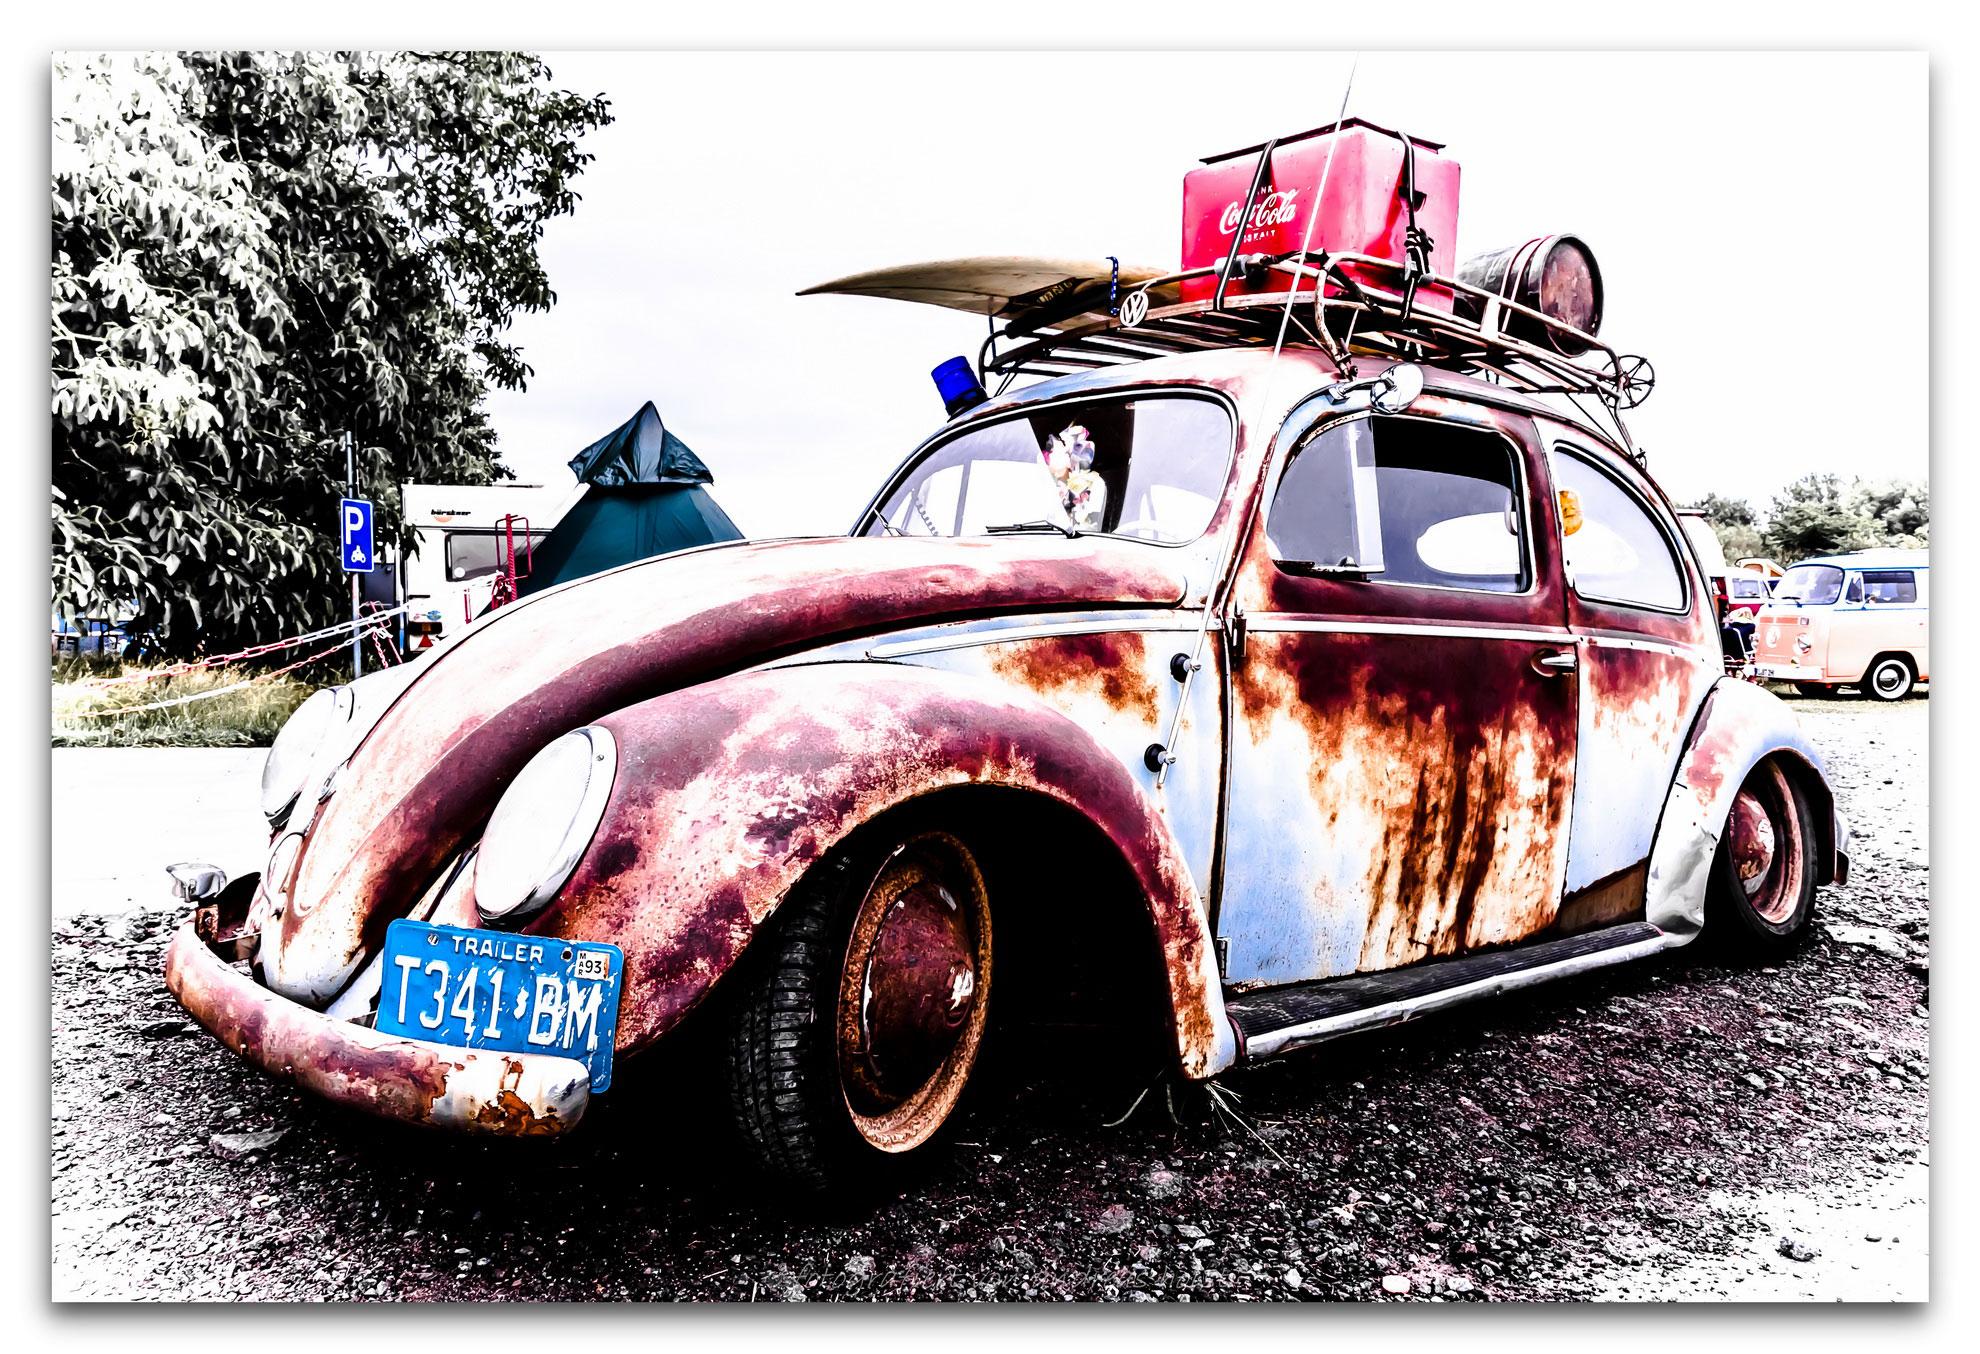 Krautsand-VW-treffen-4